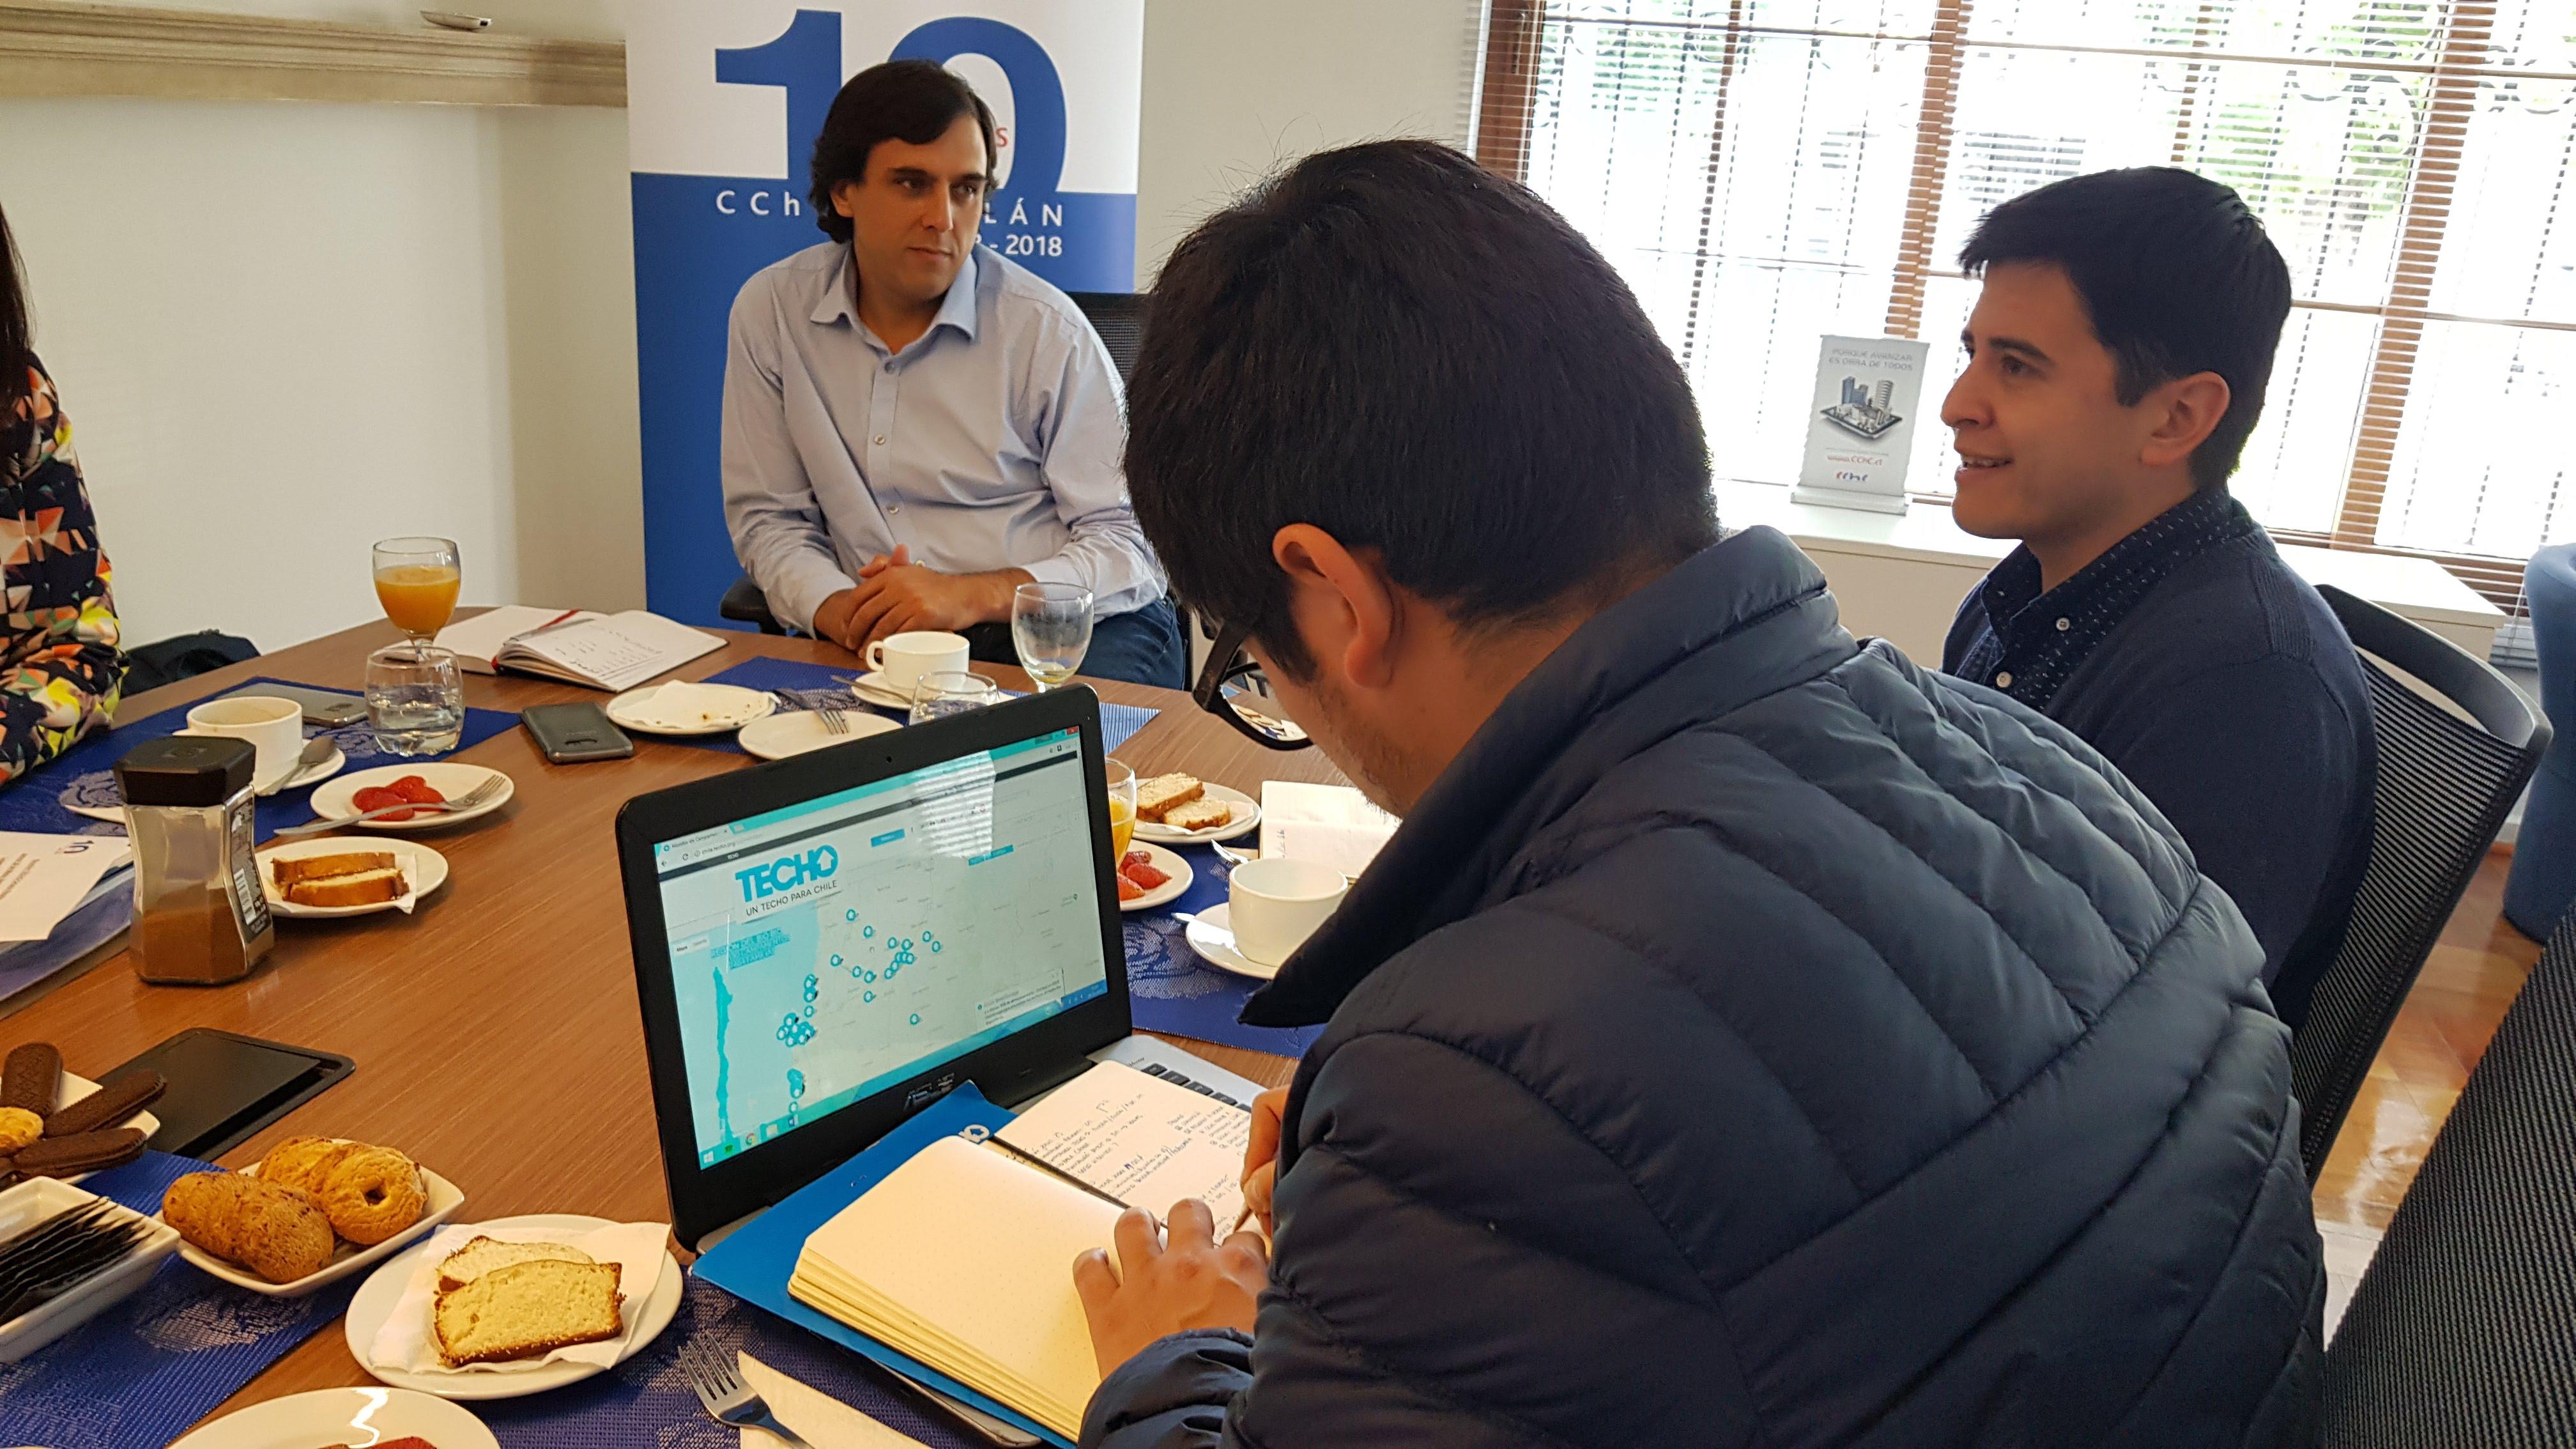 CChC Chillán y TECHO-Chile desarrollan mesa de trabajo tras convenio firmado por ambas instituciones noticias